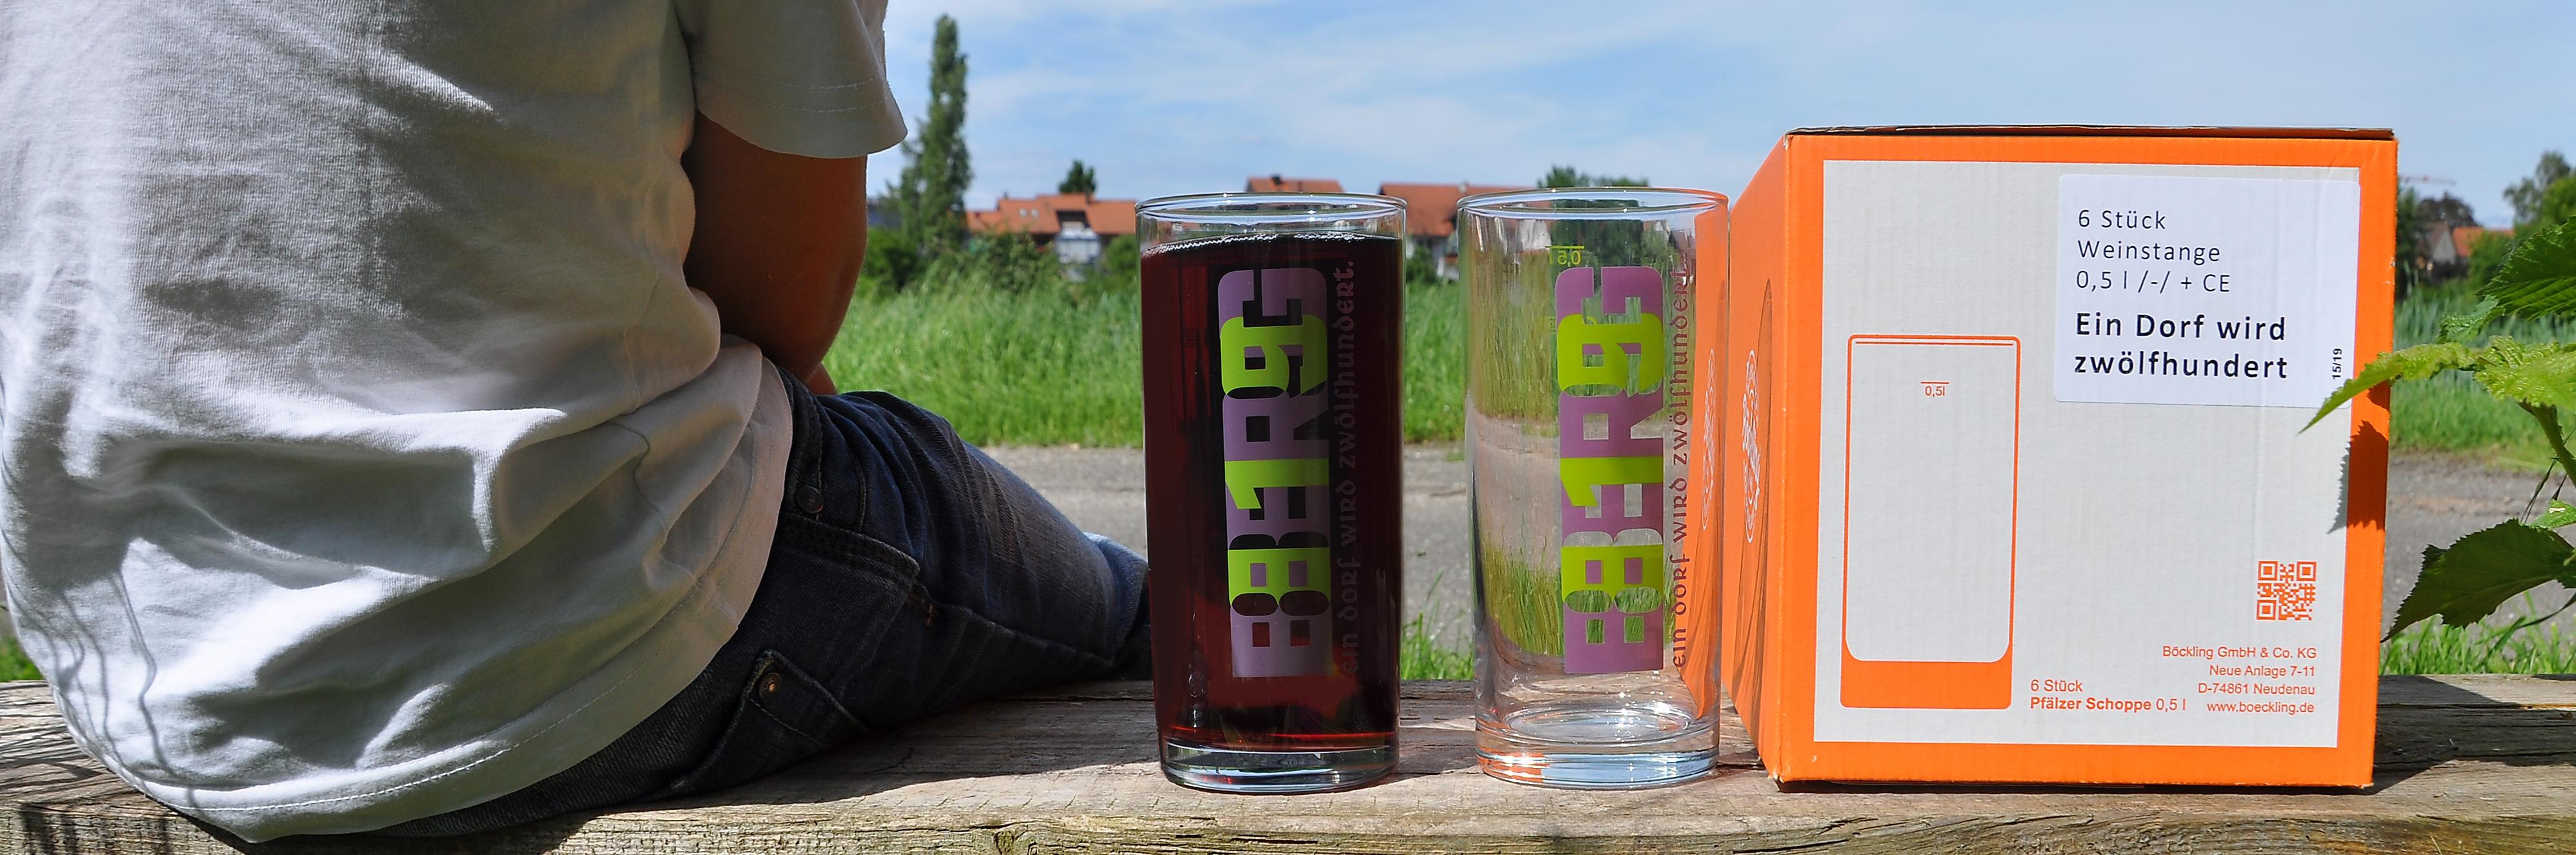 Gläser zur 1200-Jahr-Feier